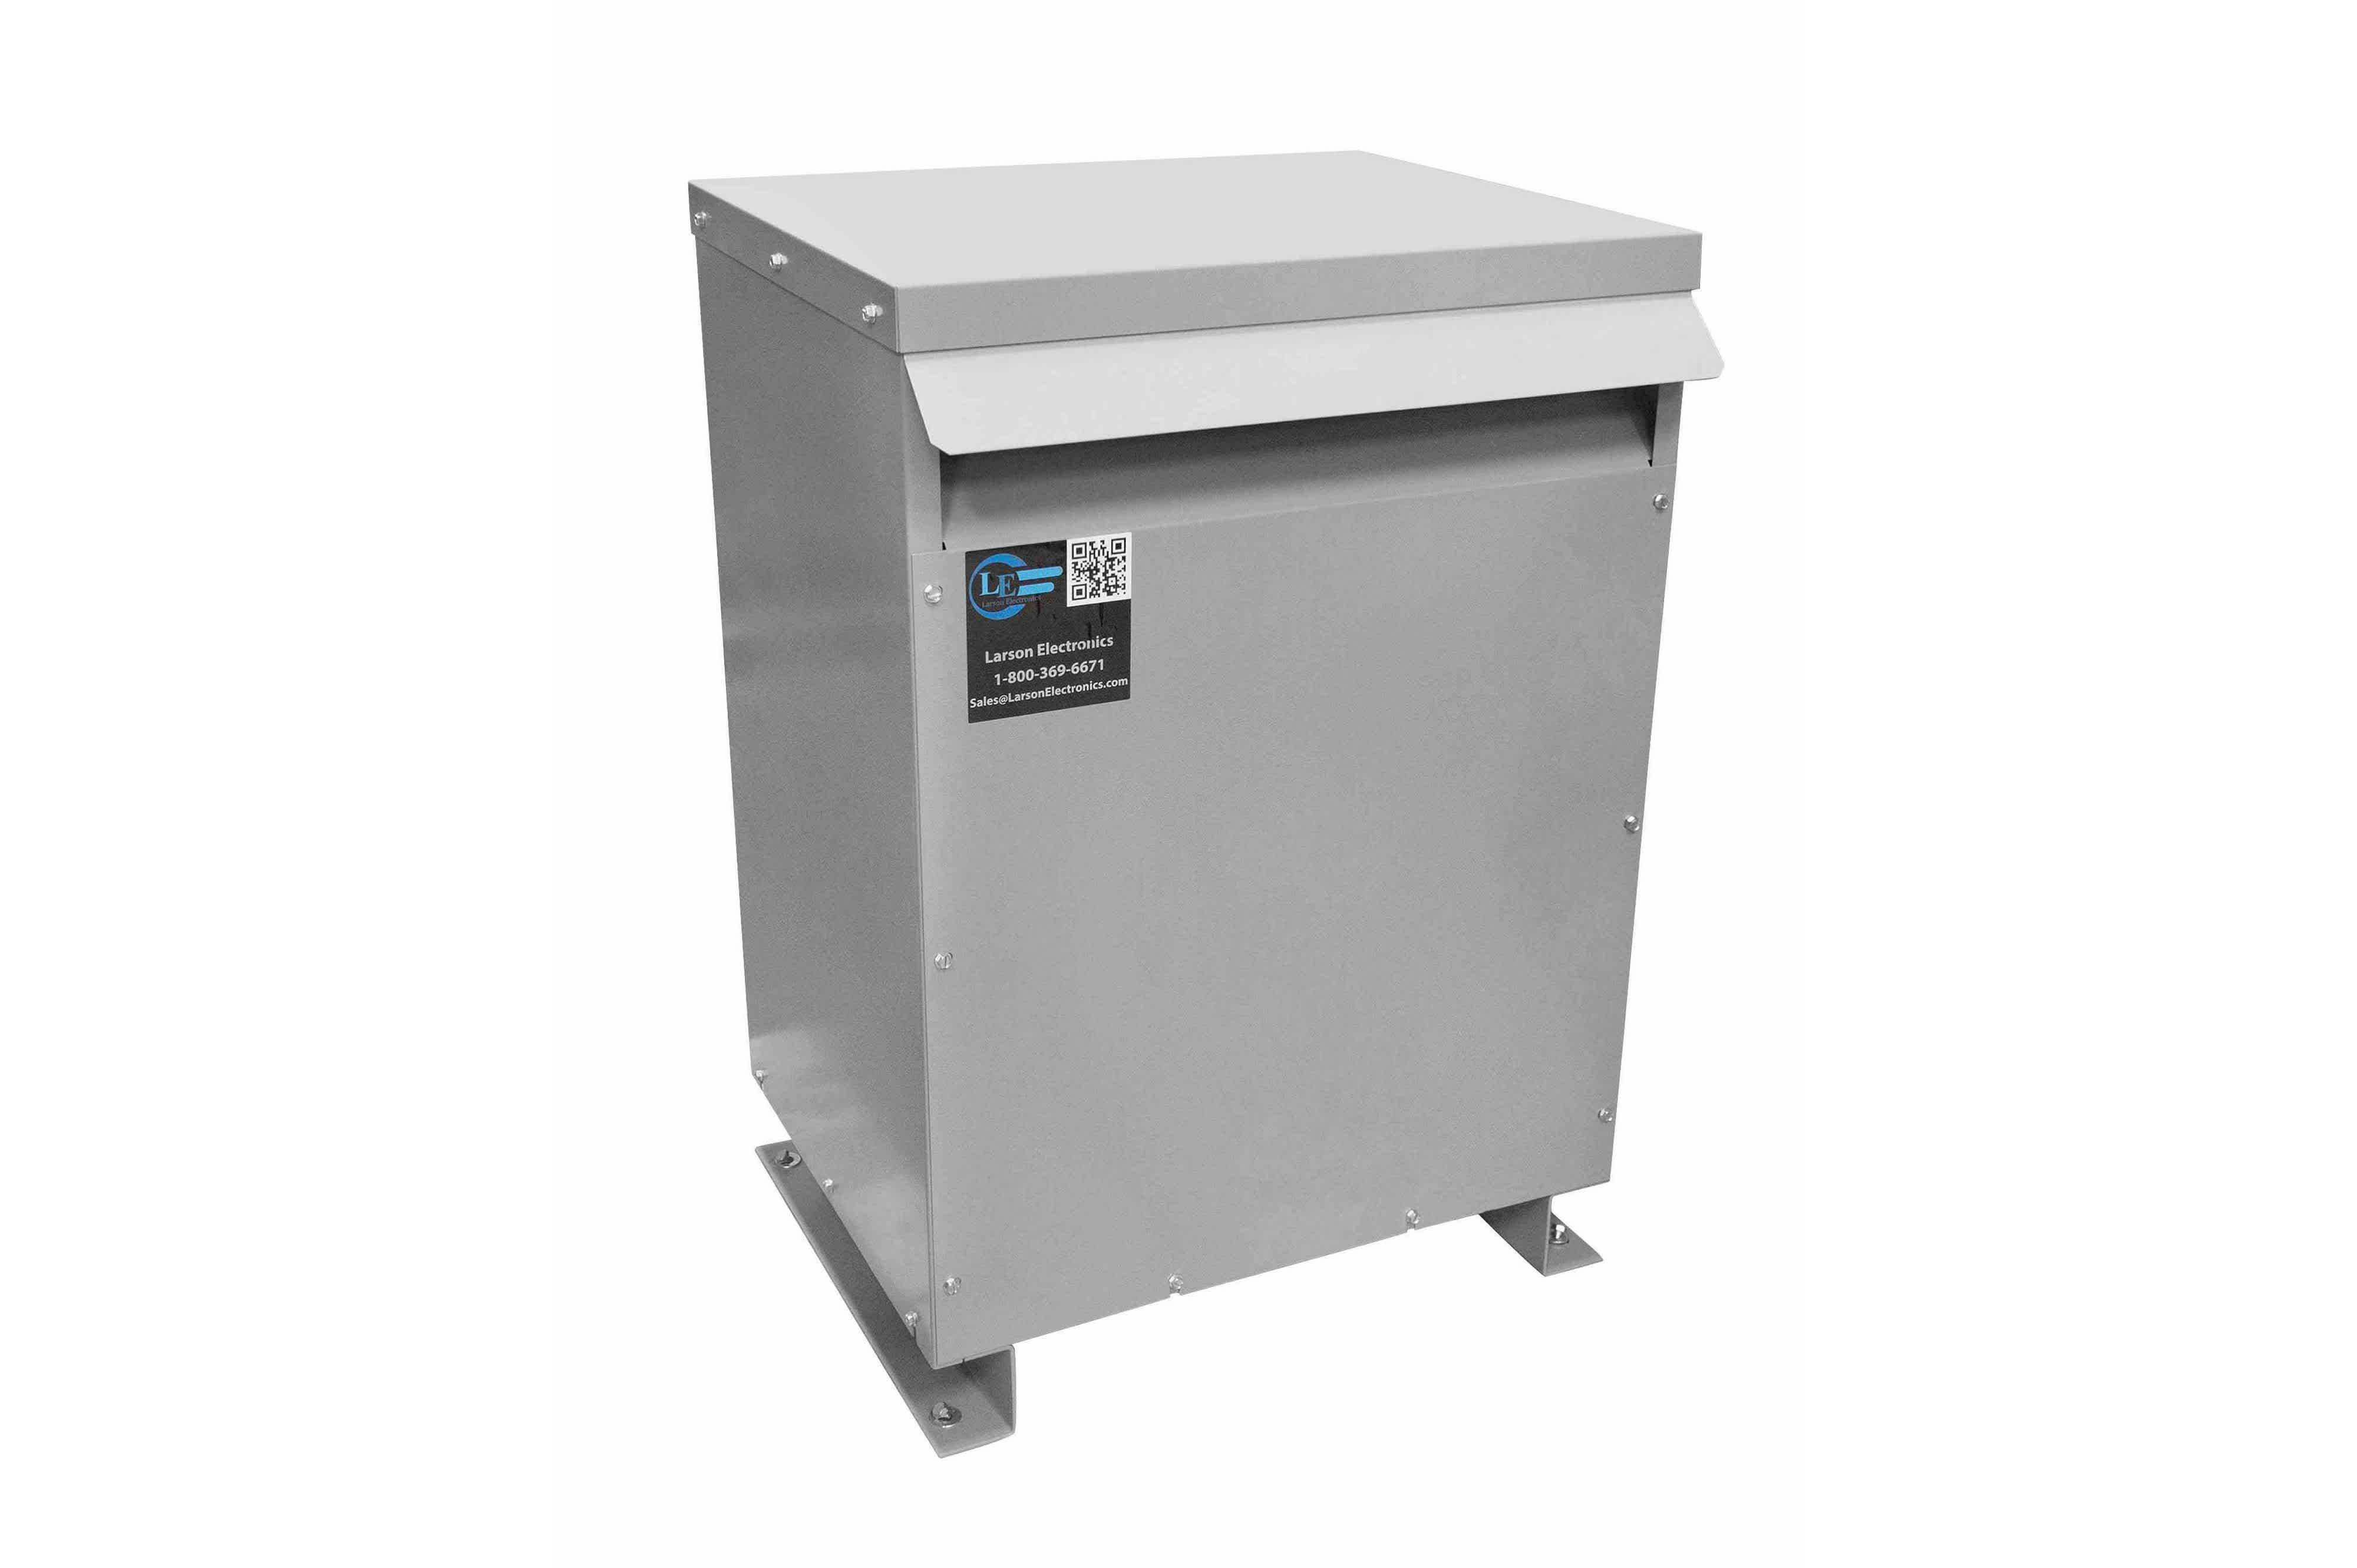 36 kVA 3PH Isolation Transformer, 240V Delta Primary, 480V Delta Secondary, N3R, Ventilated, 60 Hz